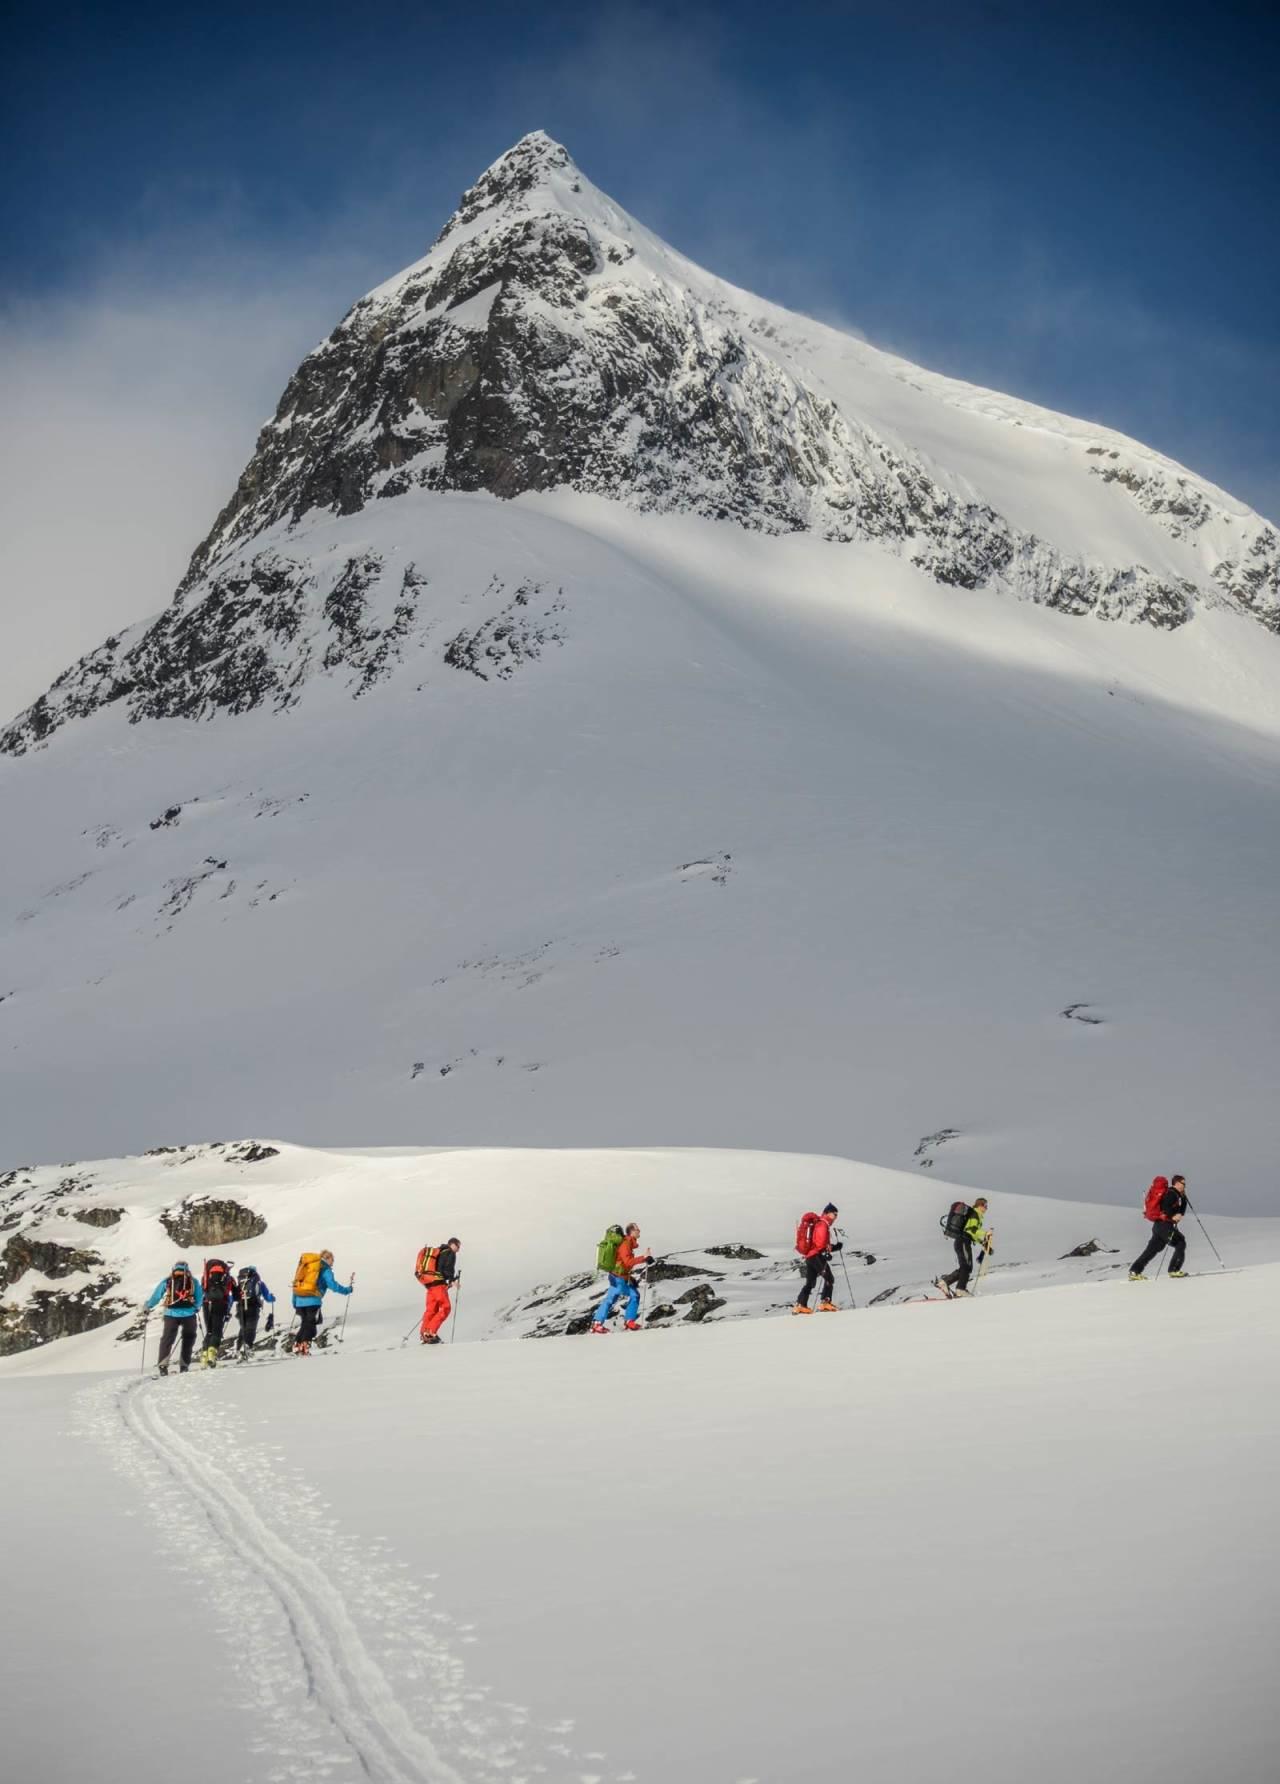 En gruppe på vei opp mot Storebjørn. Foto: Hallgrim Rogn / Høgruta i Jotunheimen.